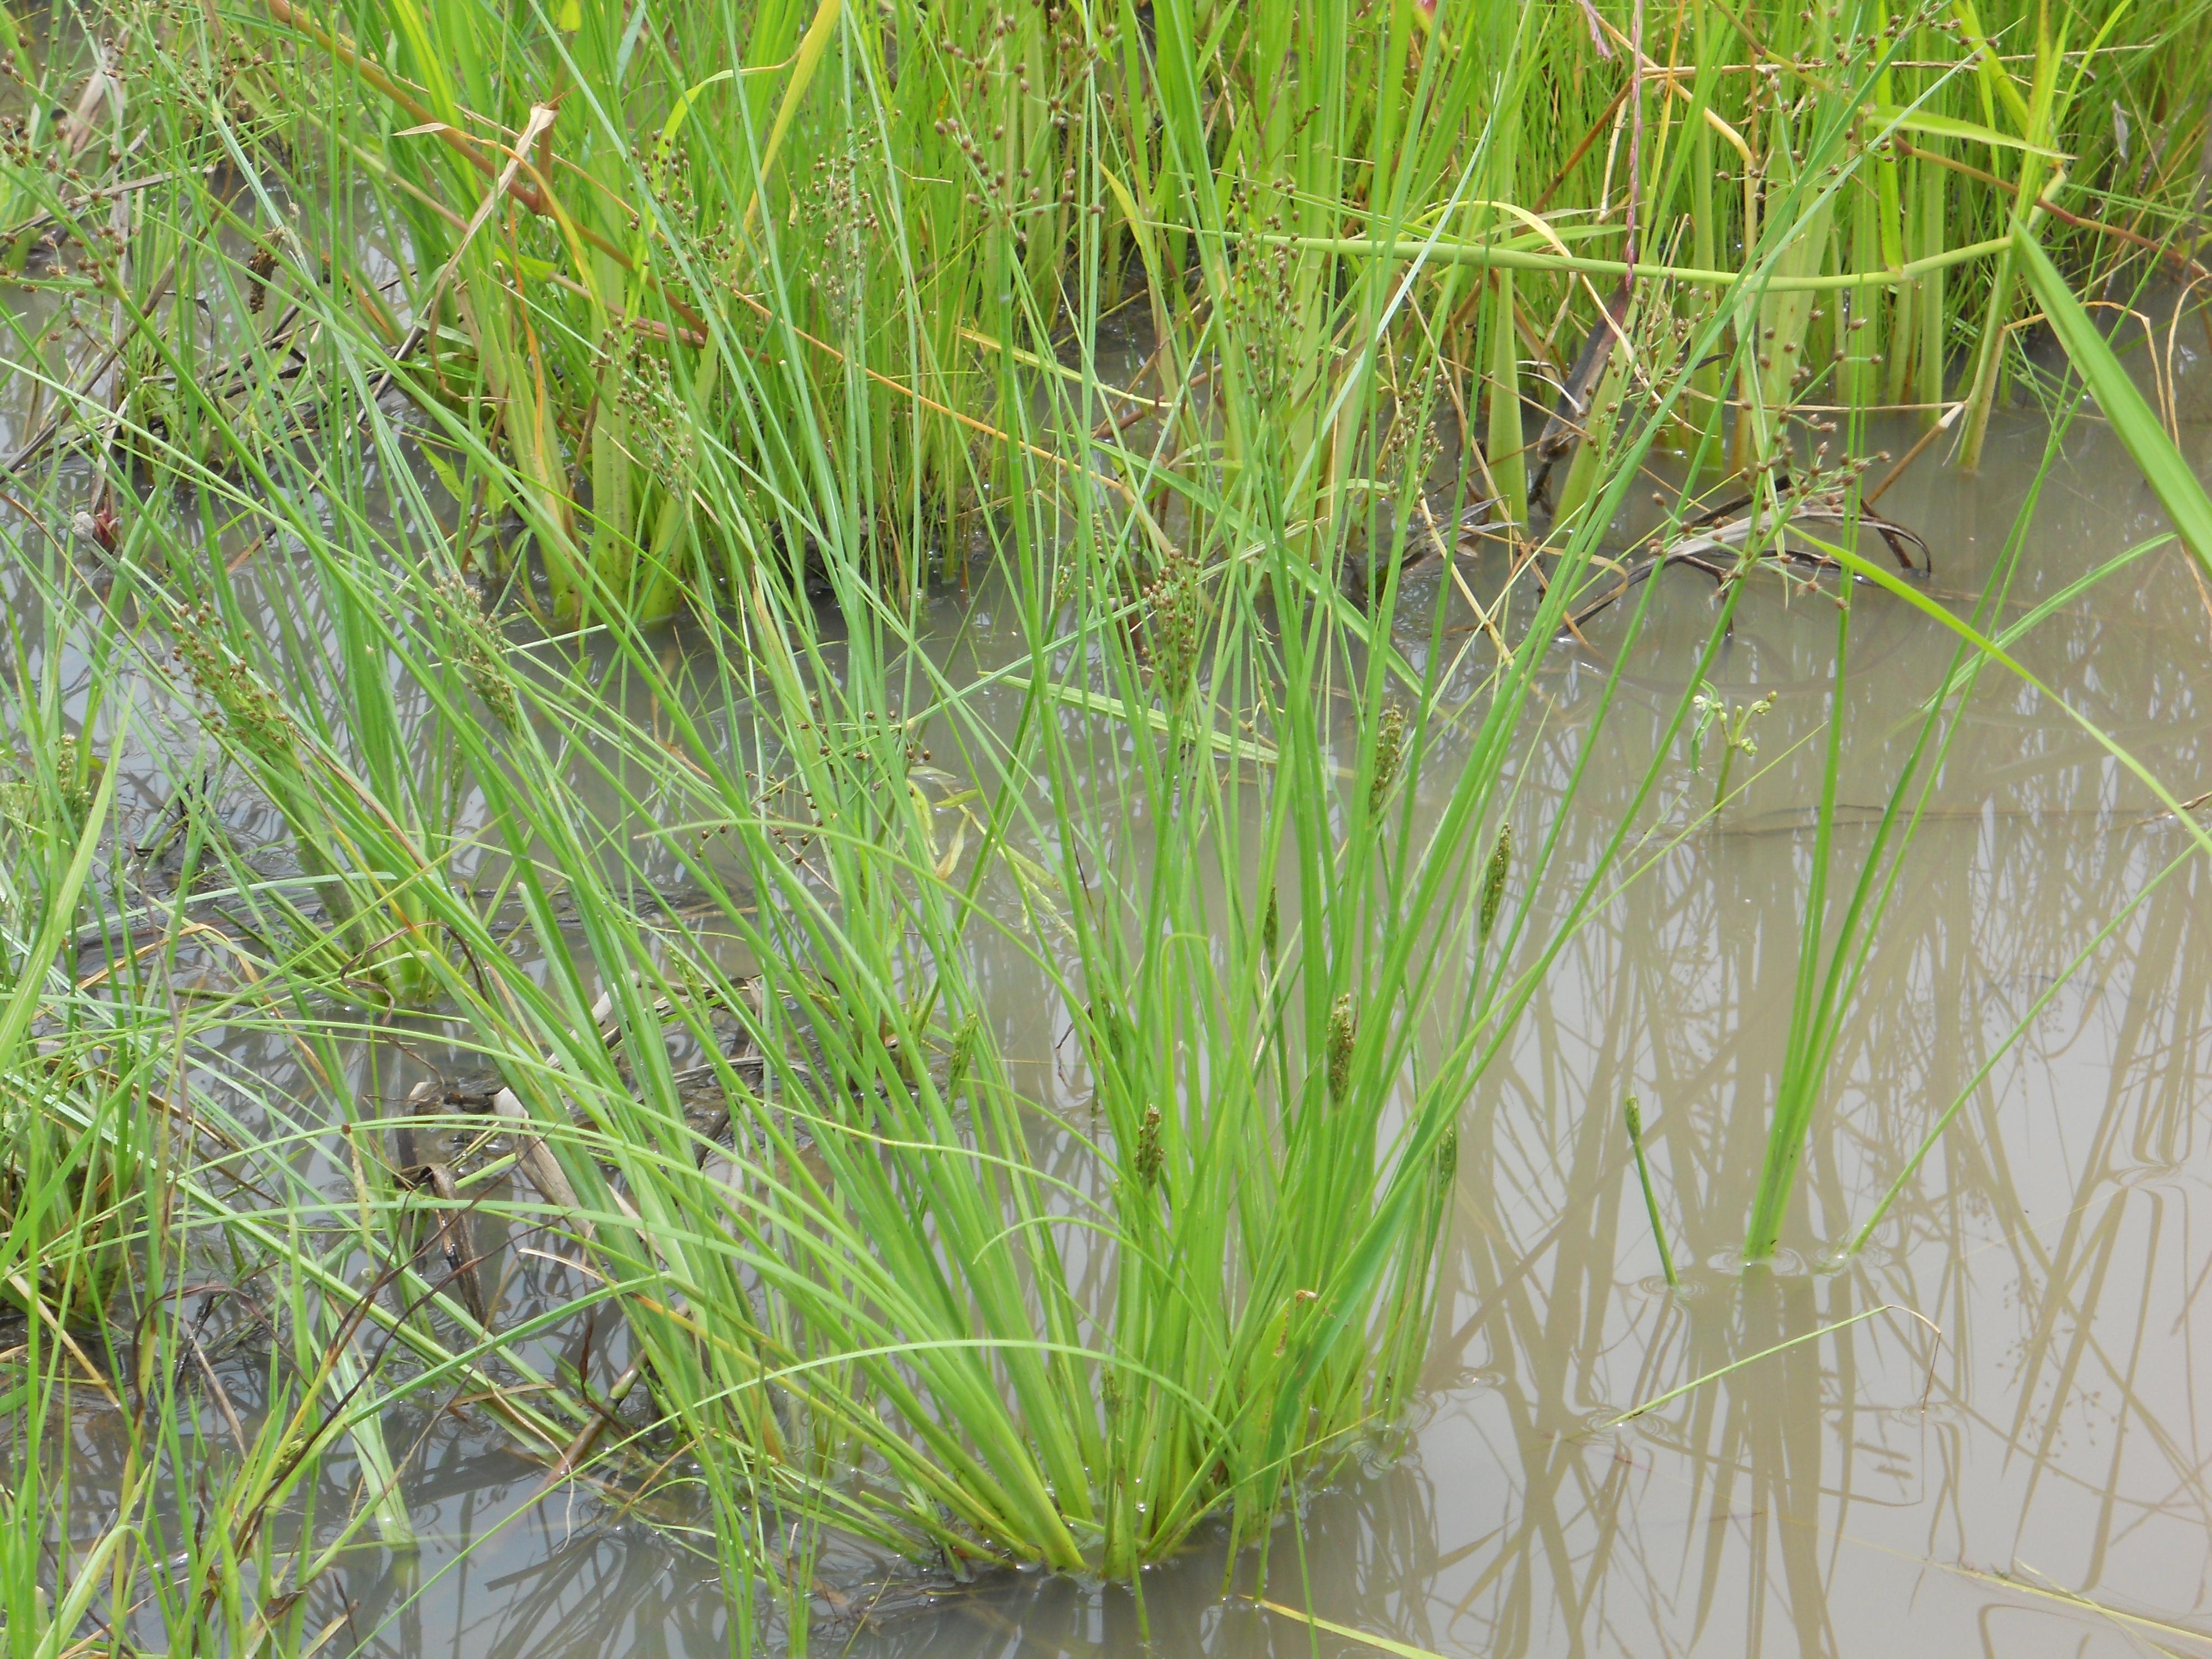 イネ圃場に生育する成植物